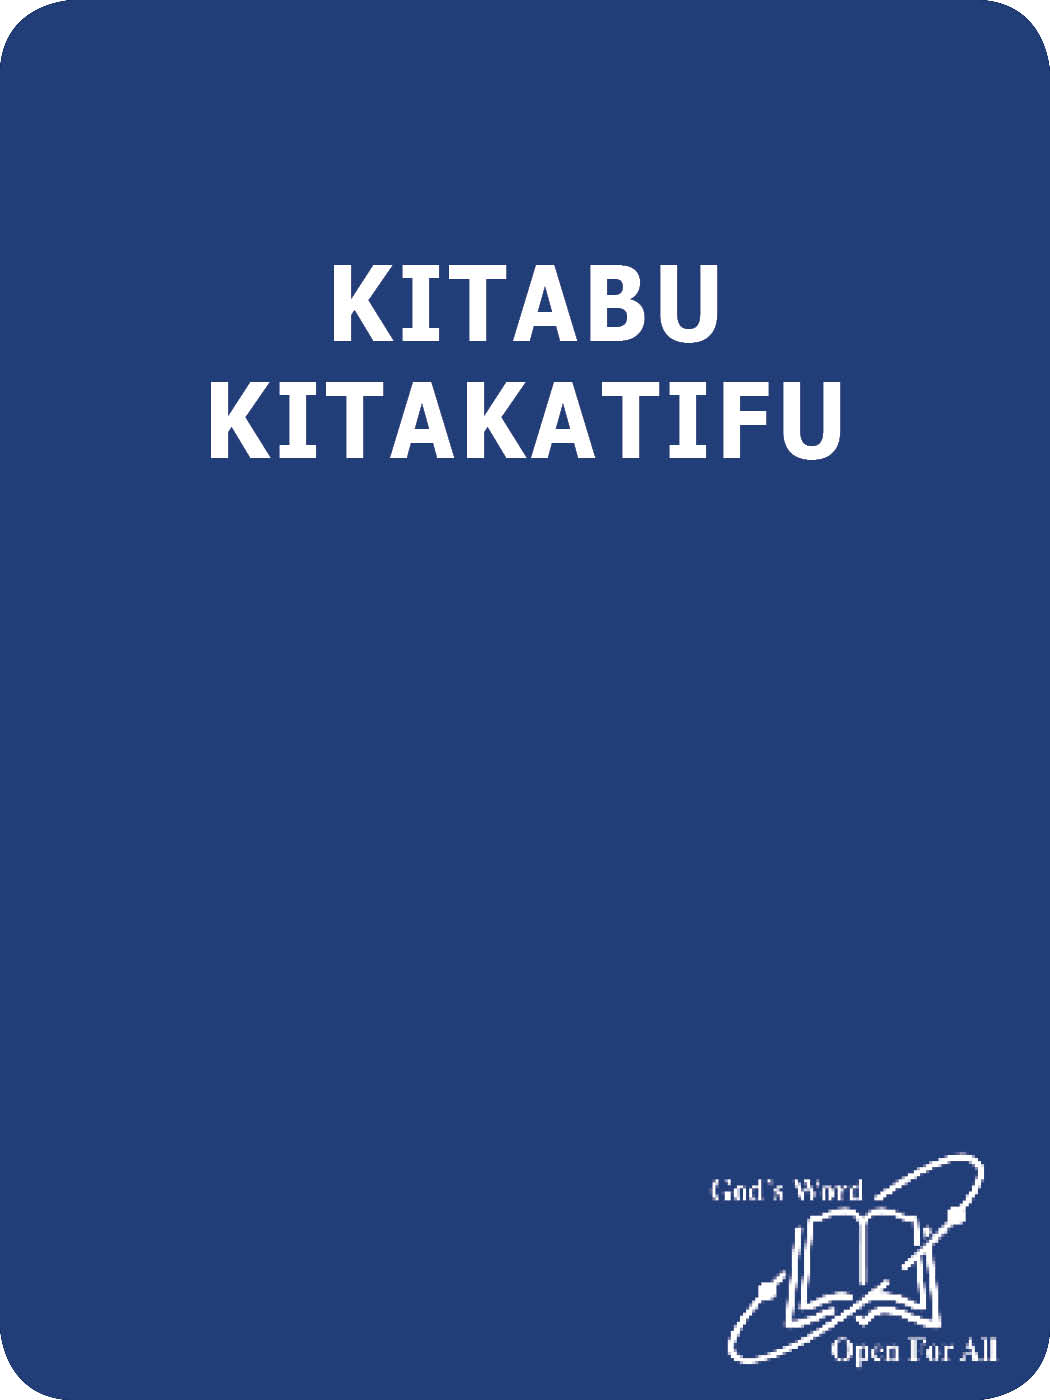 KITABU KITAKATIFU